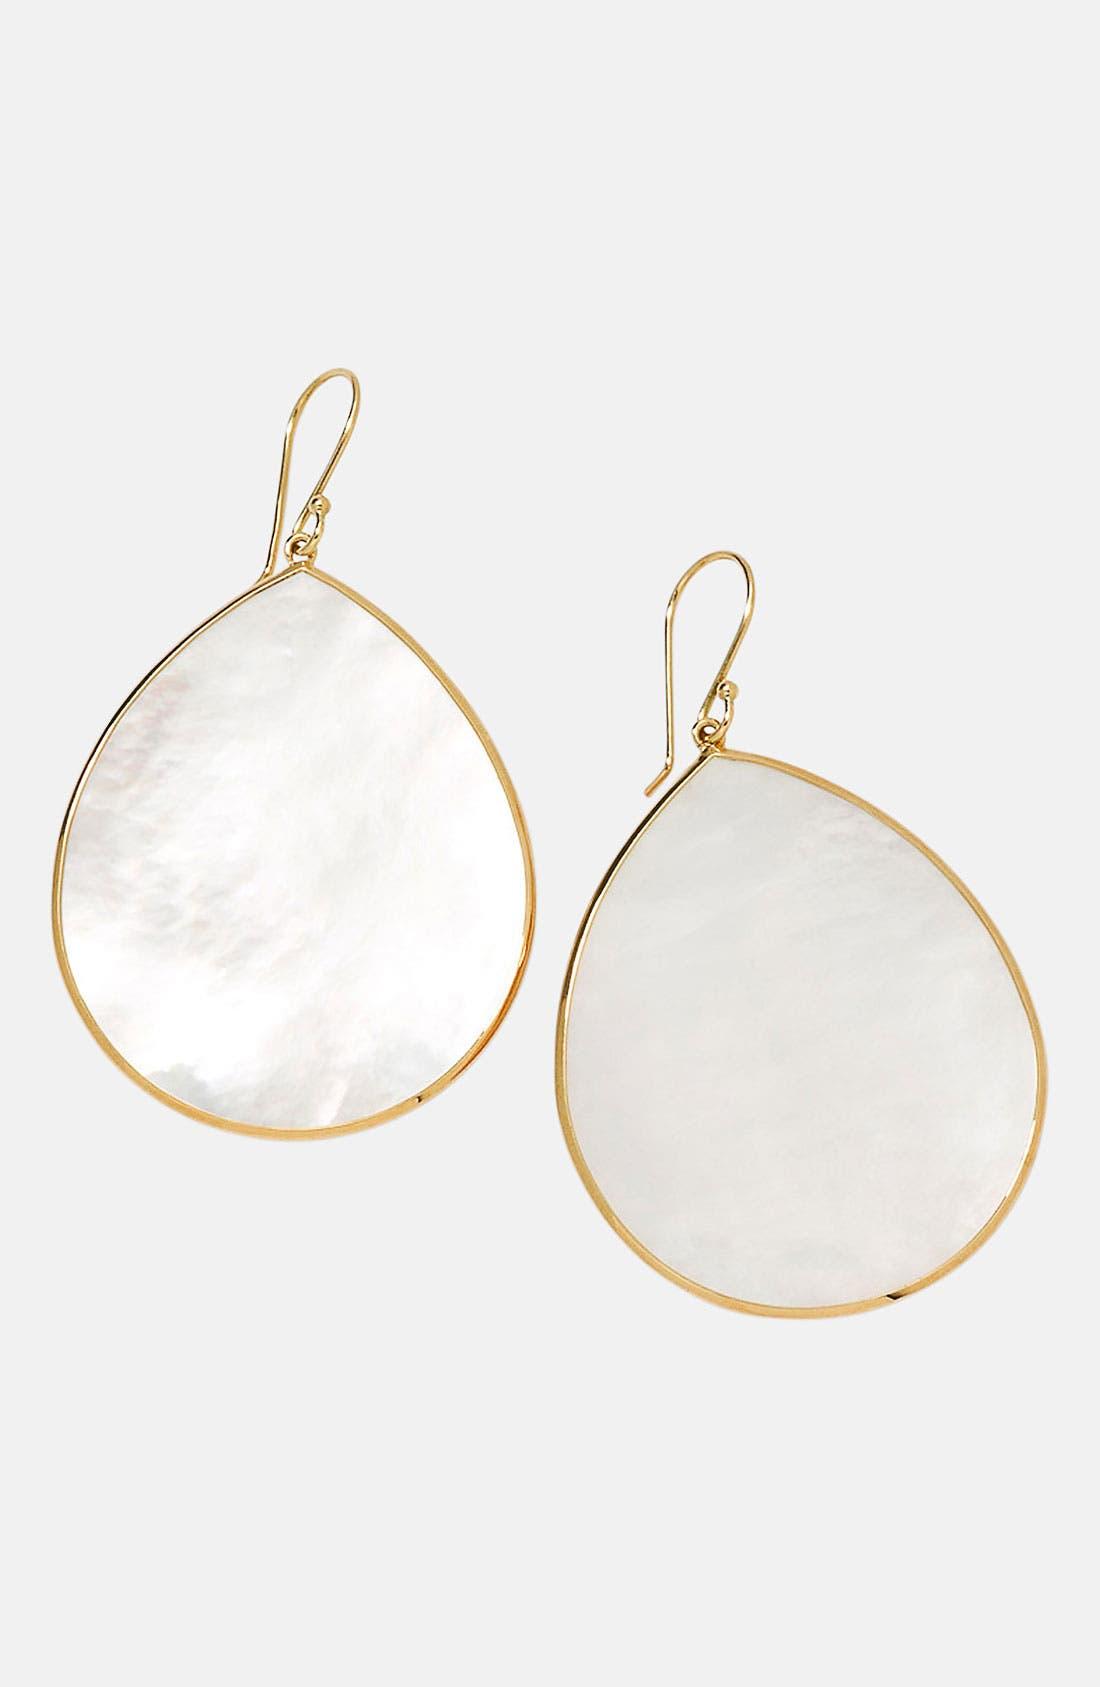 Main Image - Ippolita 'Rock Candy - Jumbo Teardrop' 18k Gold Earrings